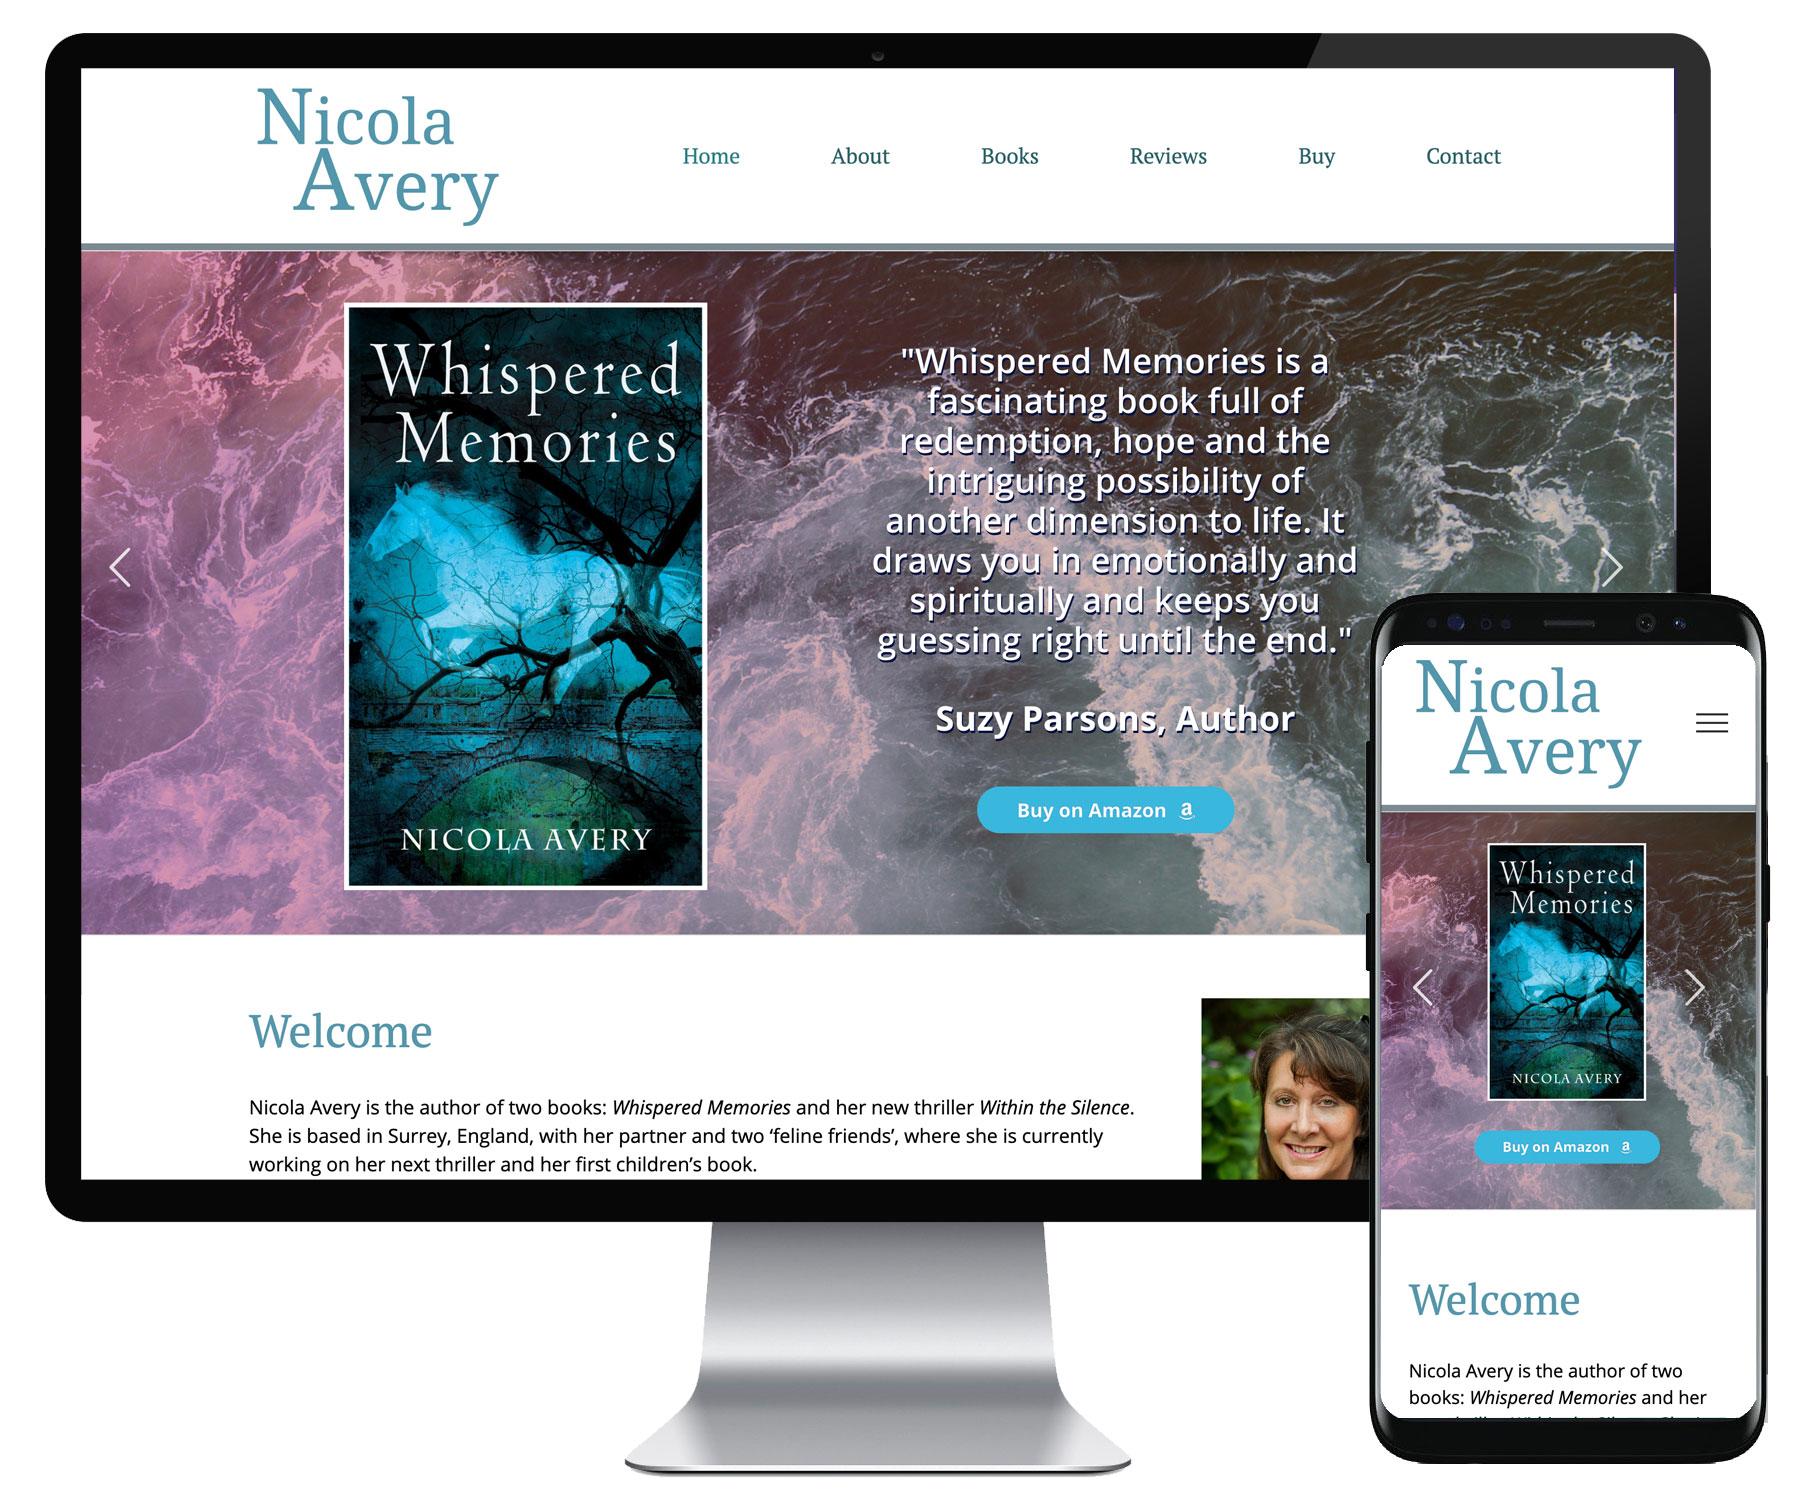 Nicola Avery website